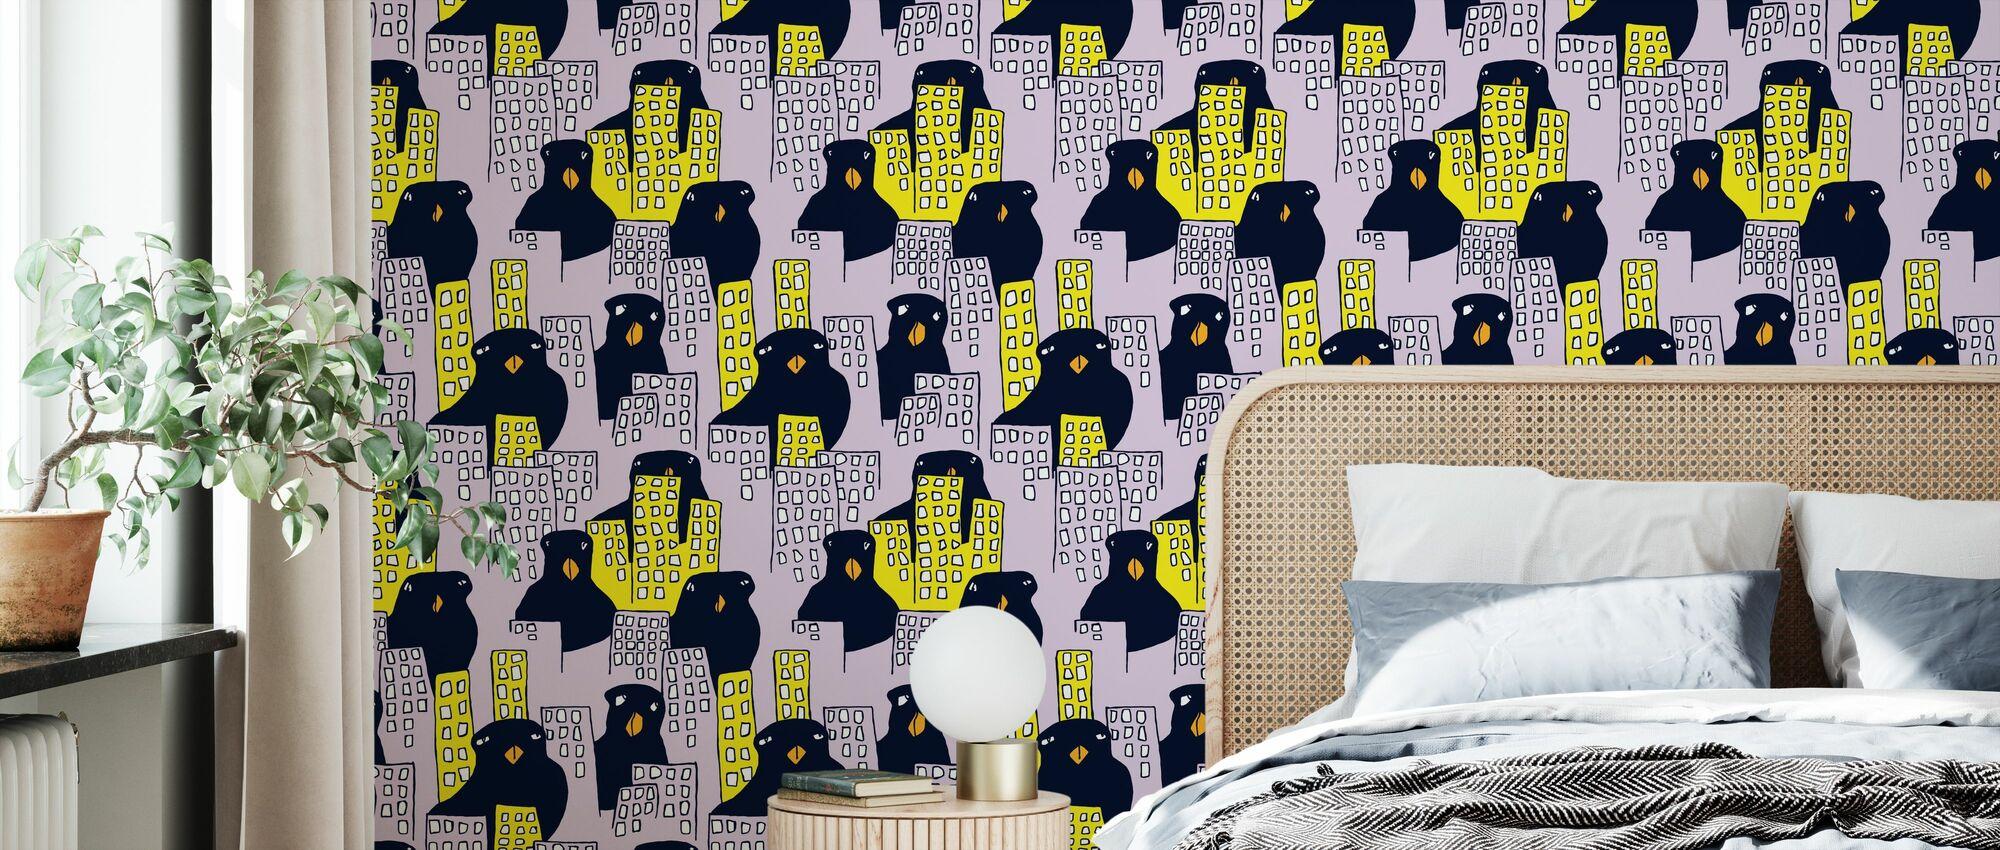 Åjabaduva Flemingsberg - Wallpaper - Bedroom